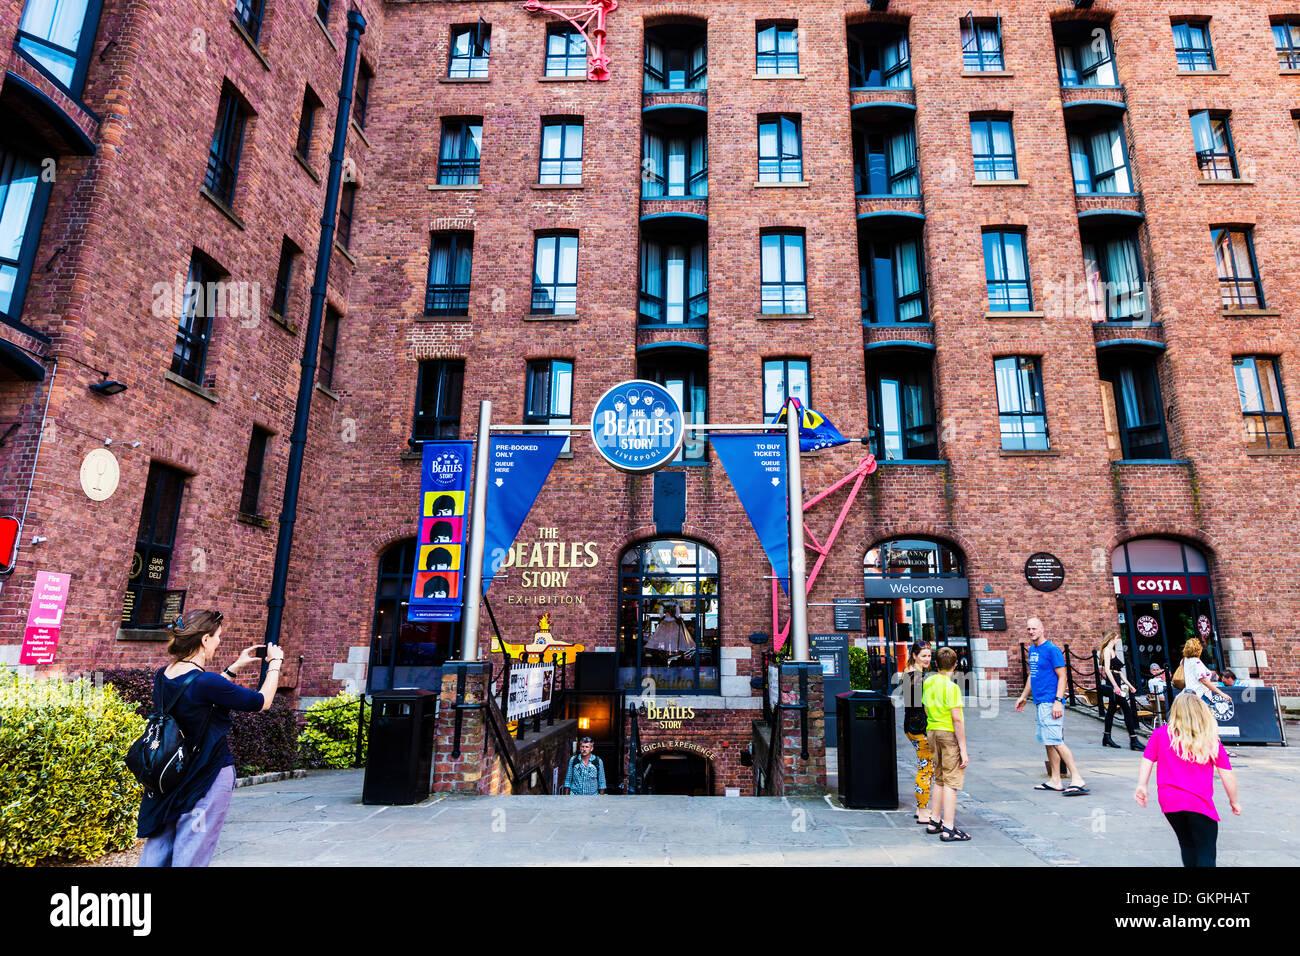 Le Beatles Story est une attraction touristique à dédié à la 1960 groupe de rock les Beatles Photo Stock